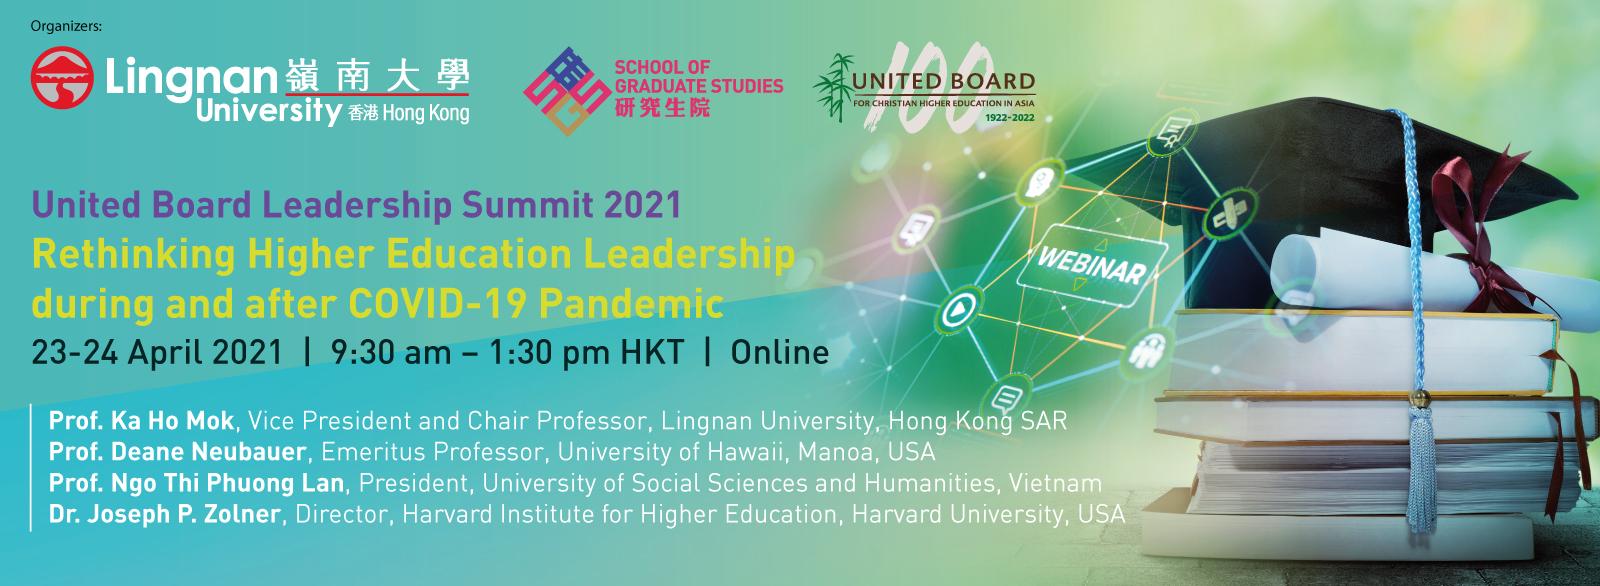 United Board Leadership Summit 2021